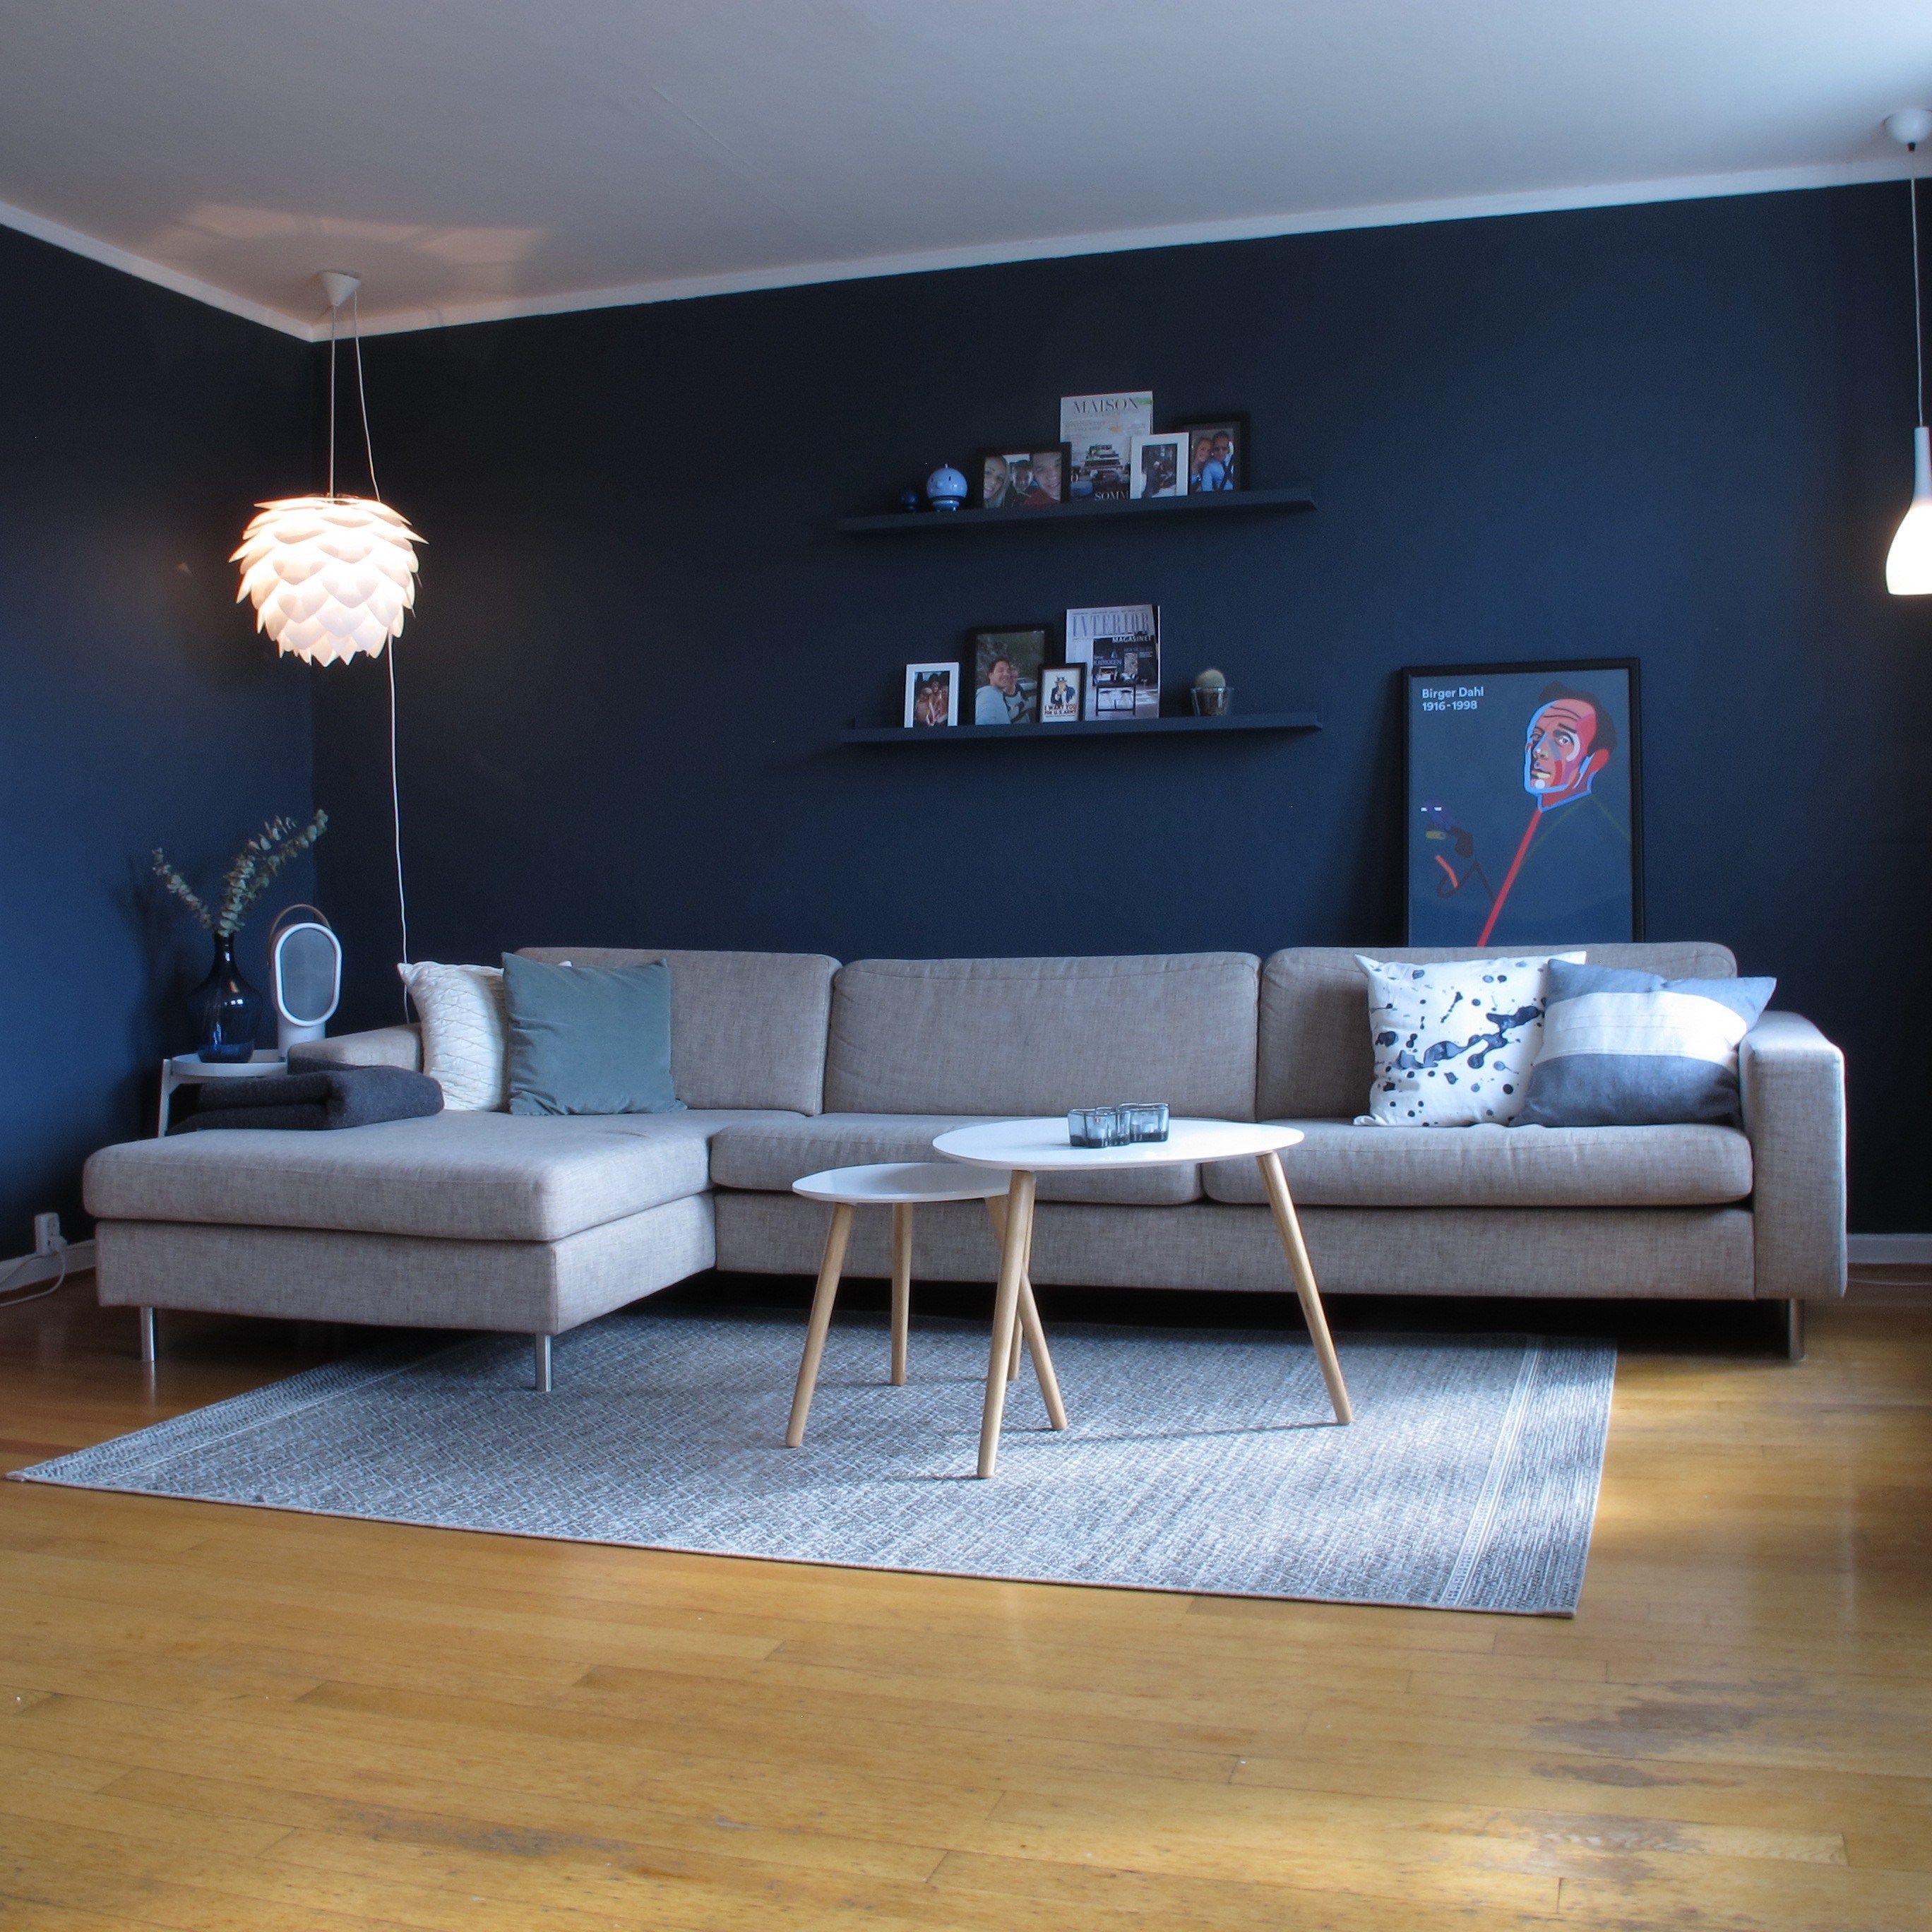 Deco Blue Jotun stue Bolia Scandinavia sofa living